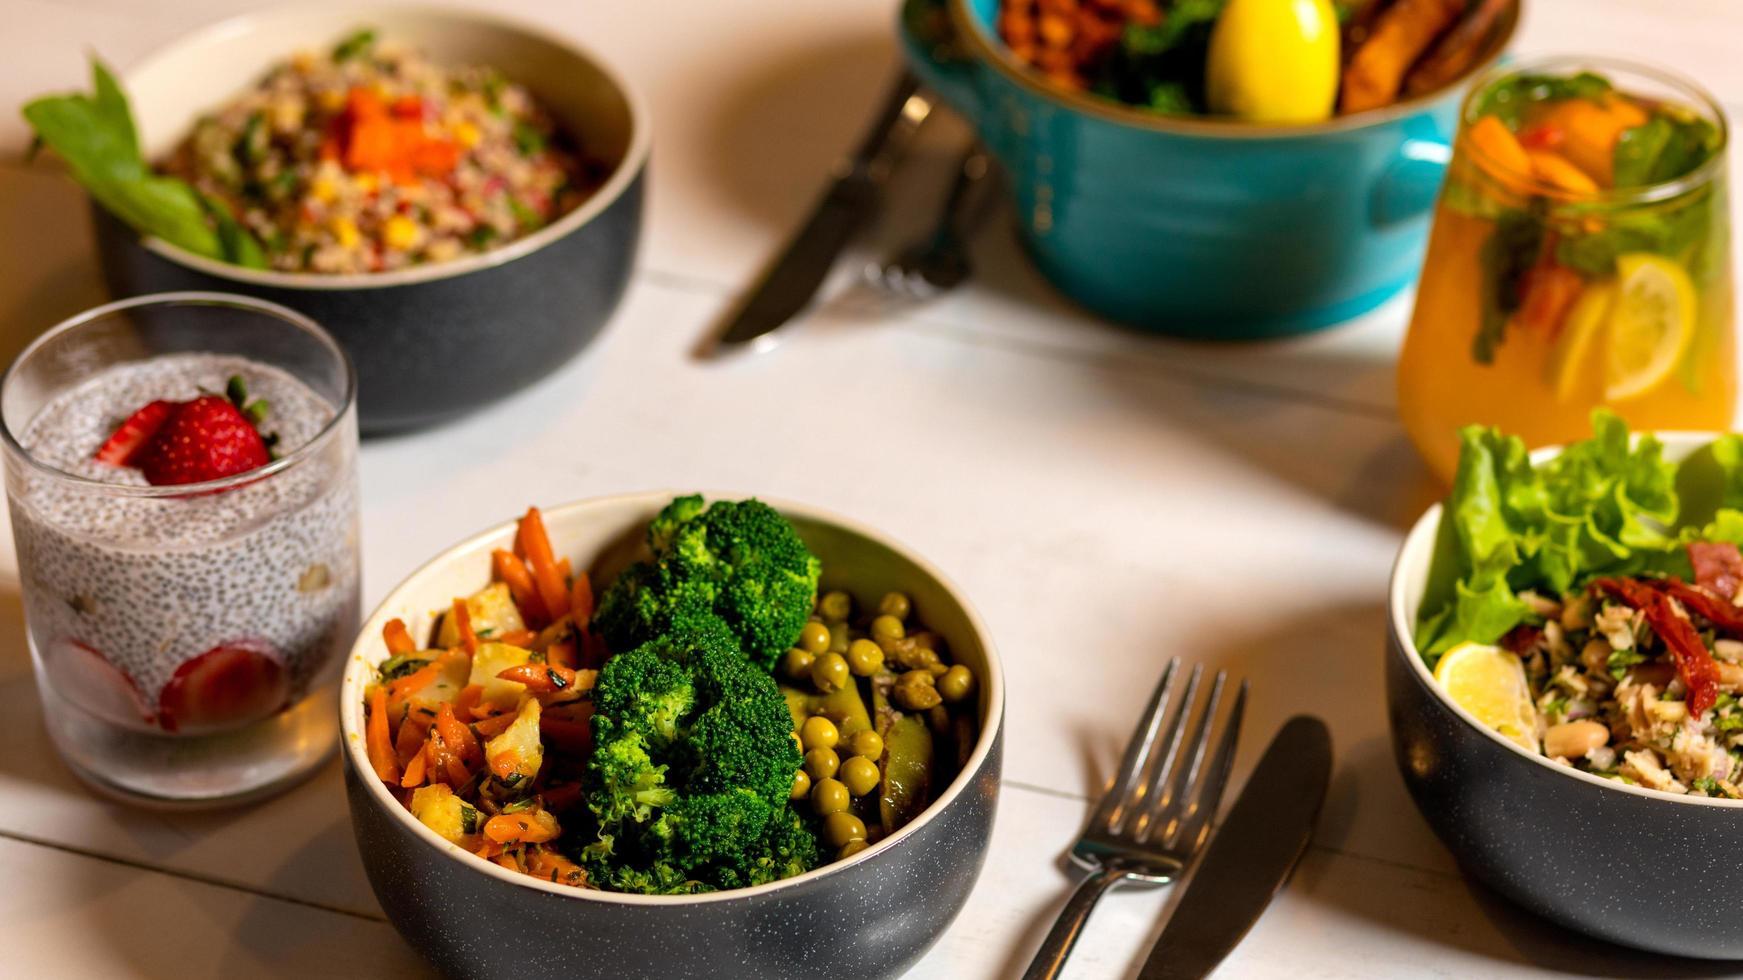 sabrosa ensalada vegetariana con pudin de chía foto